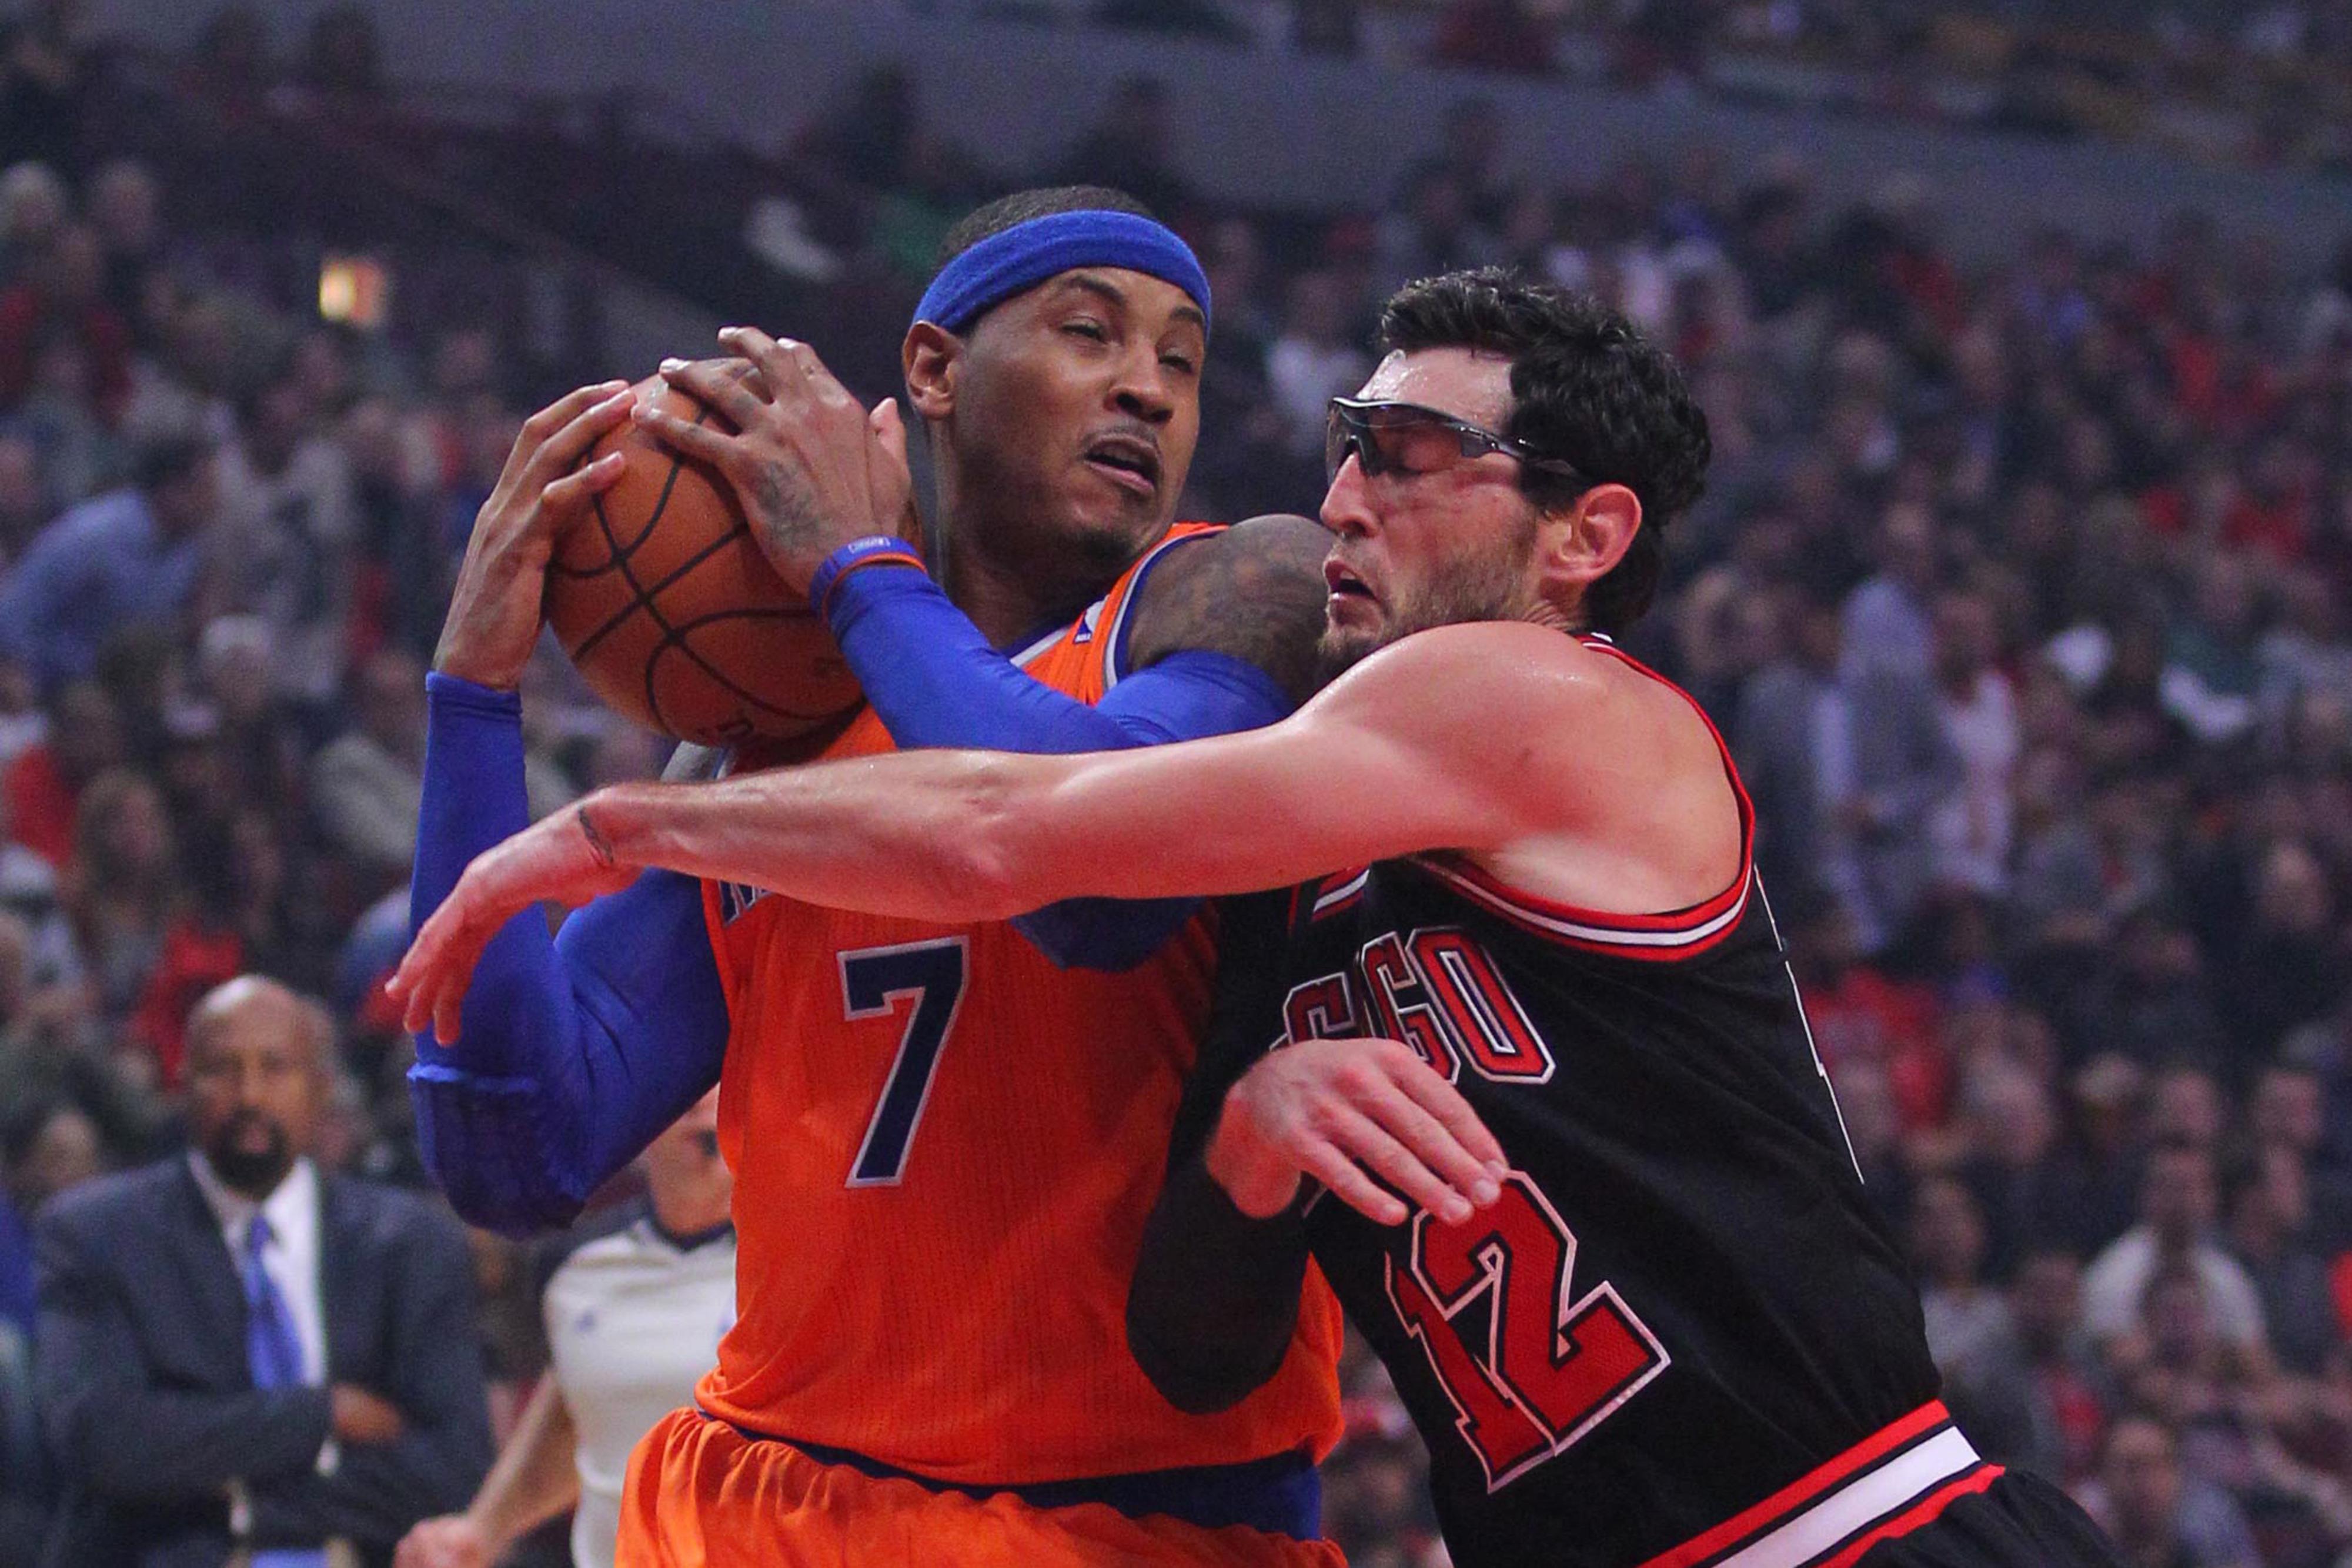 Derrick Rose leads Bulls over Knicks, 82-81